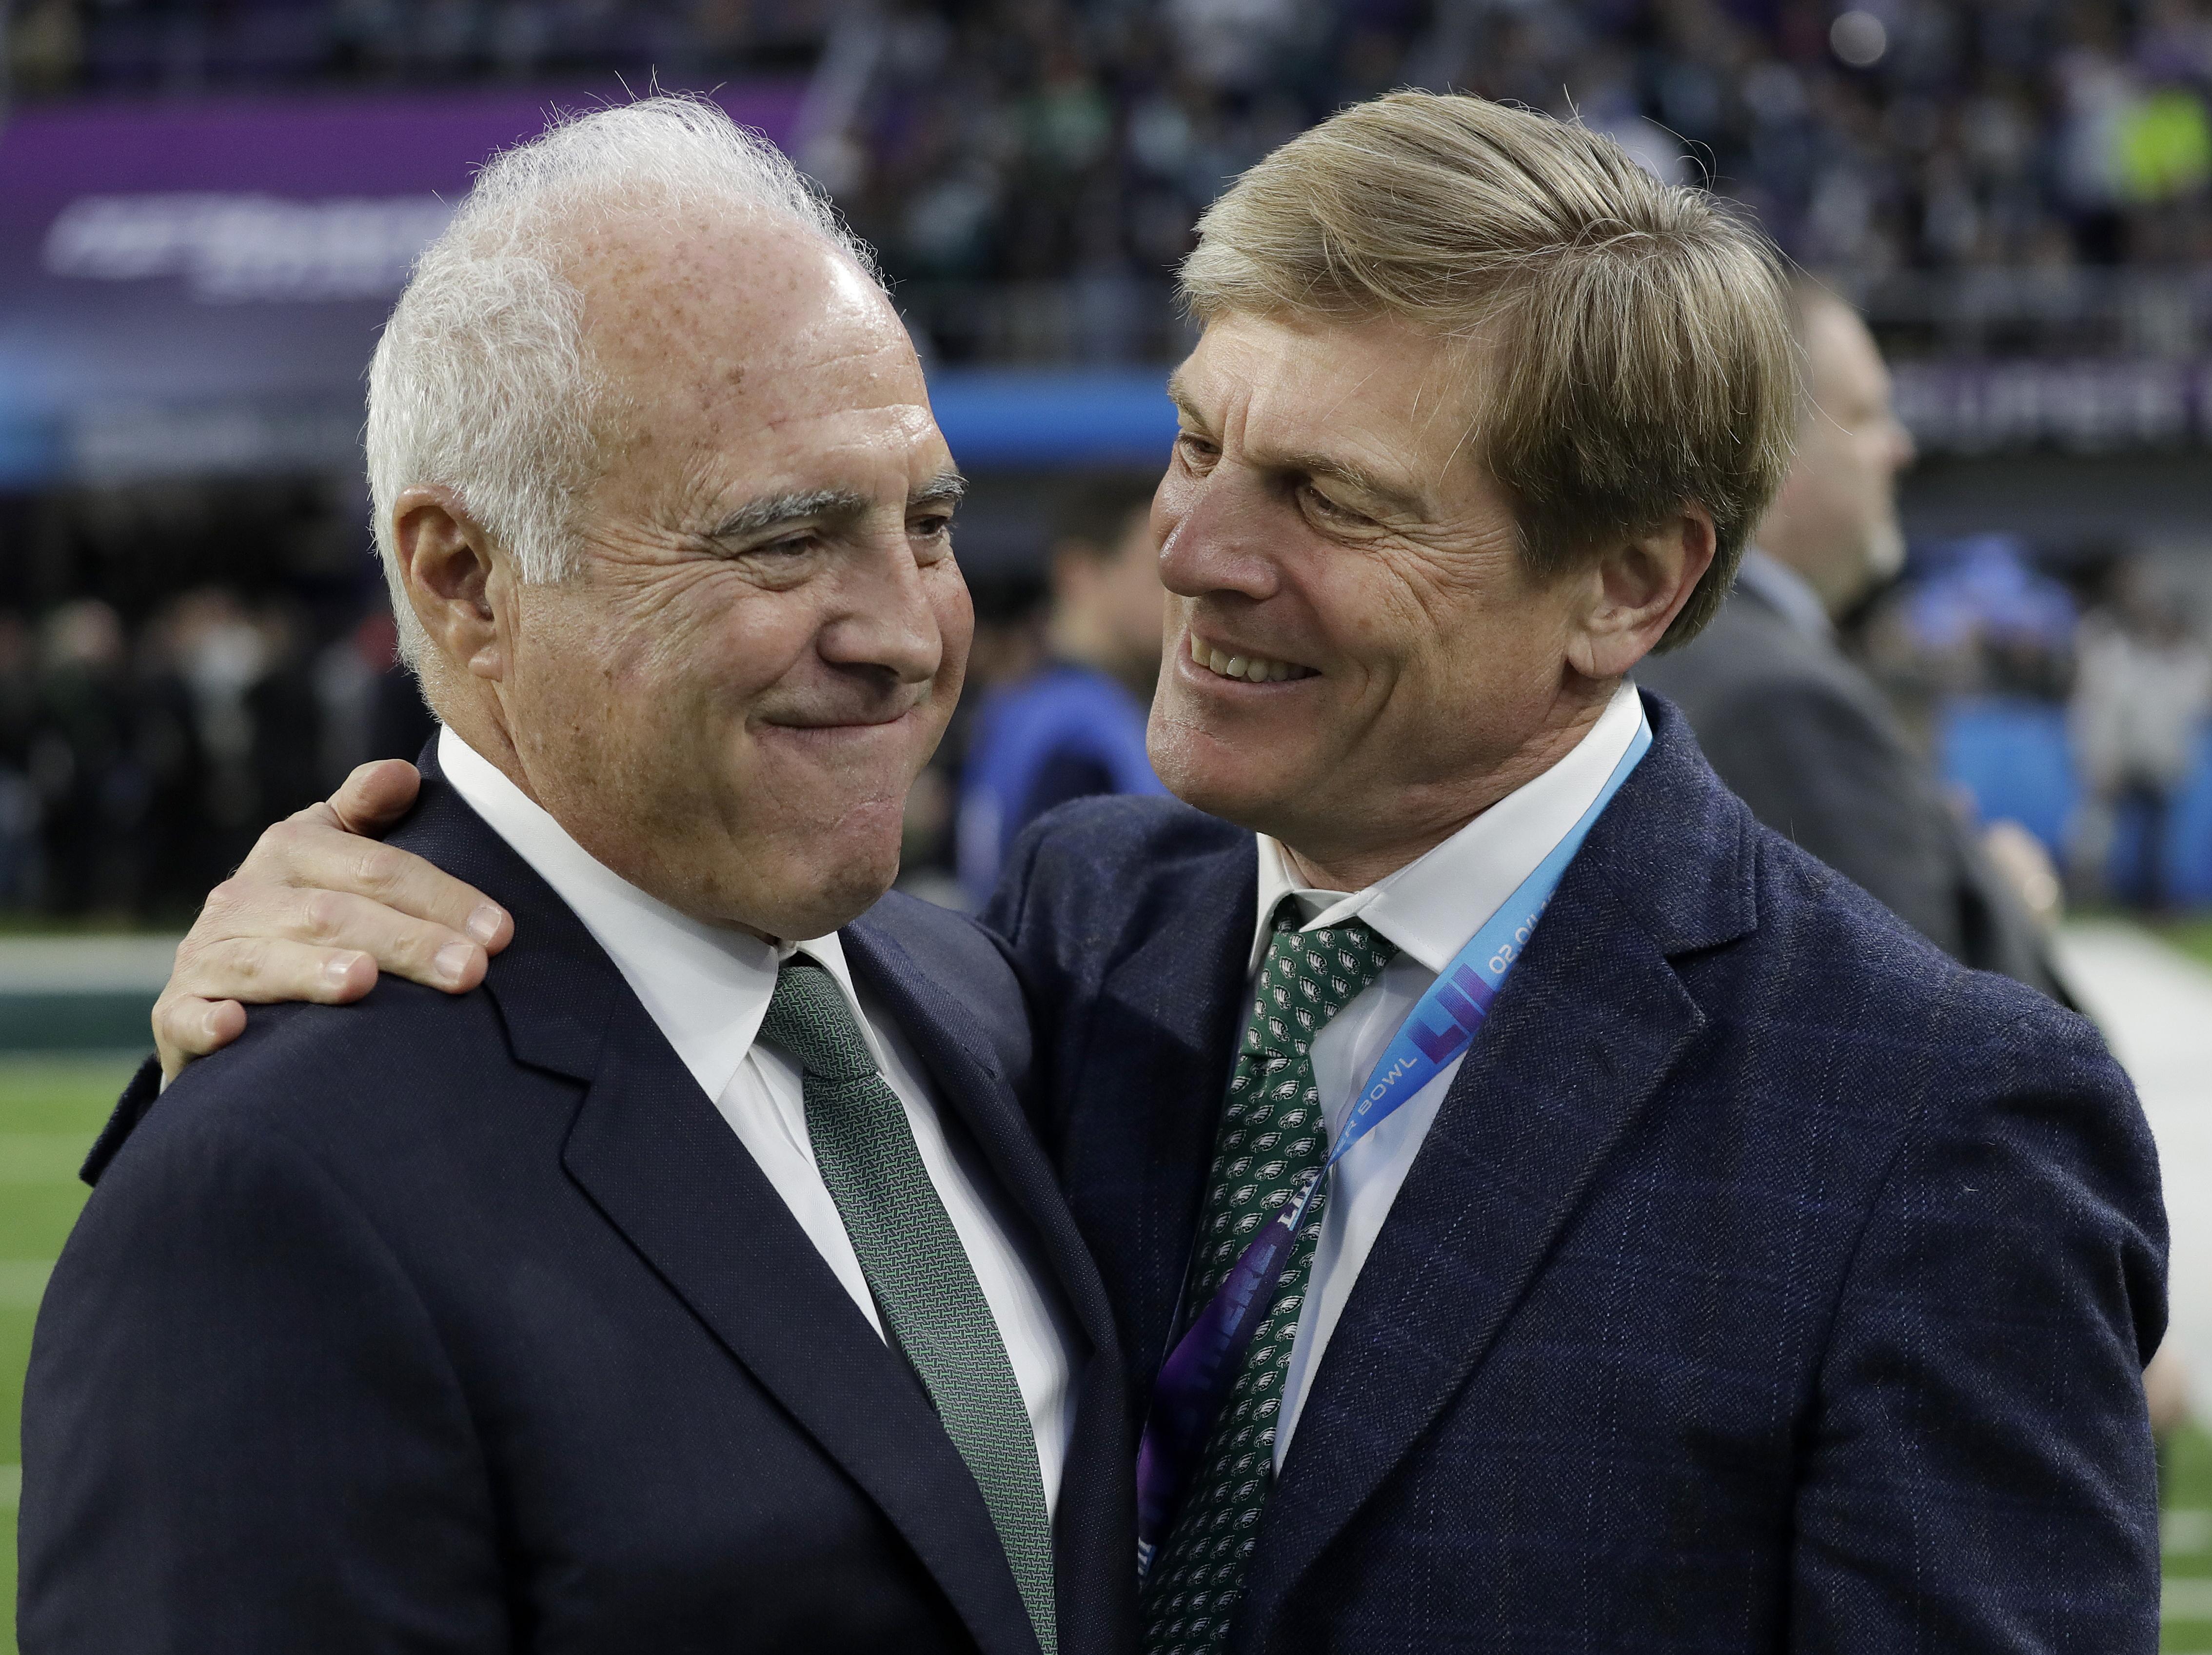 Philadelphia Eagles owner Jeffrey Lurie, left, talks to Philadelphia Phillies owner John S. Middleton before the Super Bowl last Sunday.